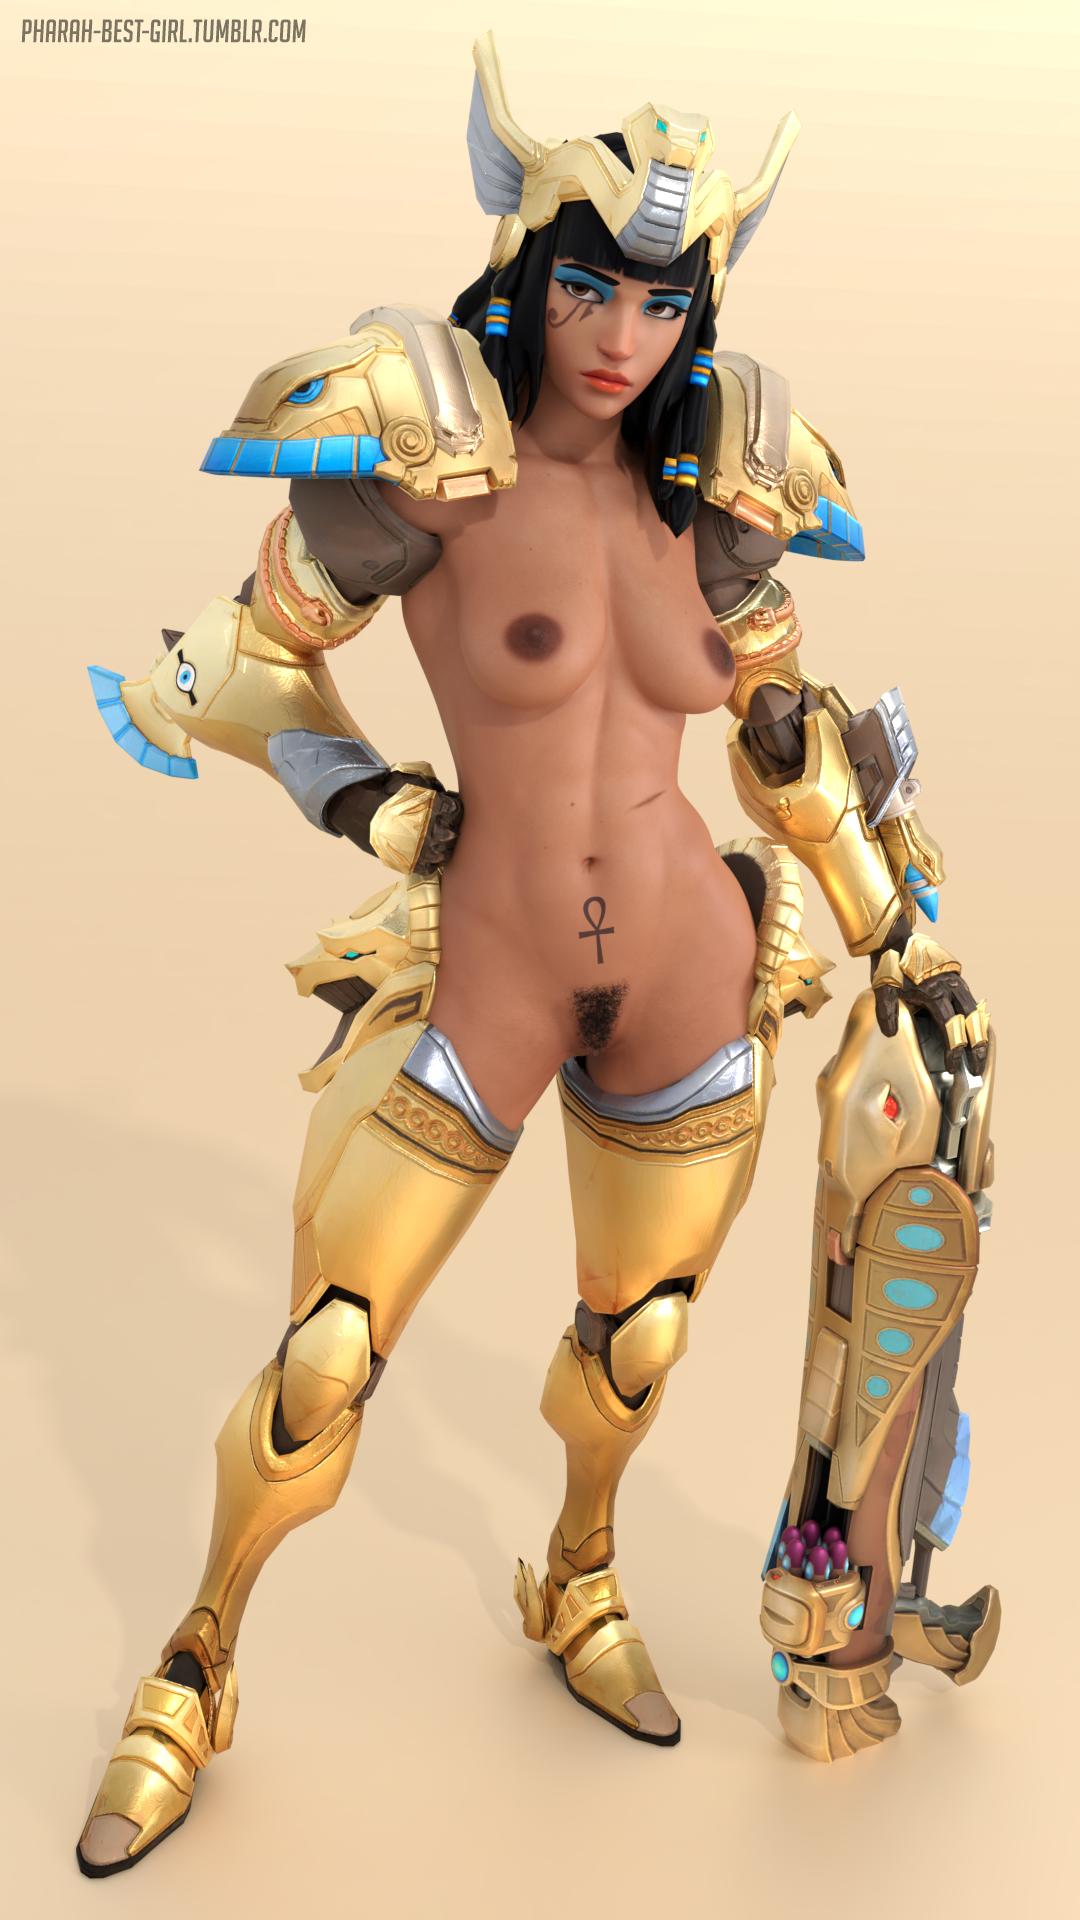 2627379 - Overlook Pharah pharah-best-girl